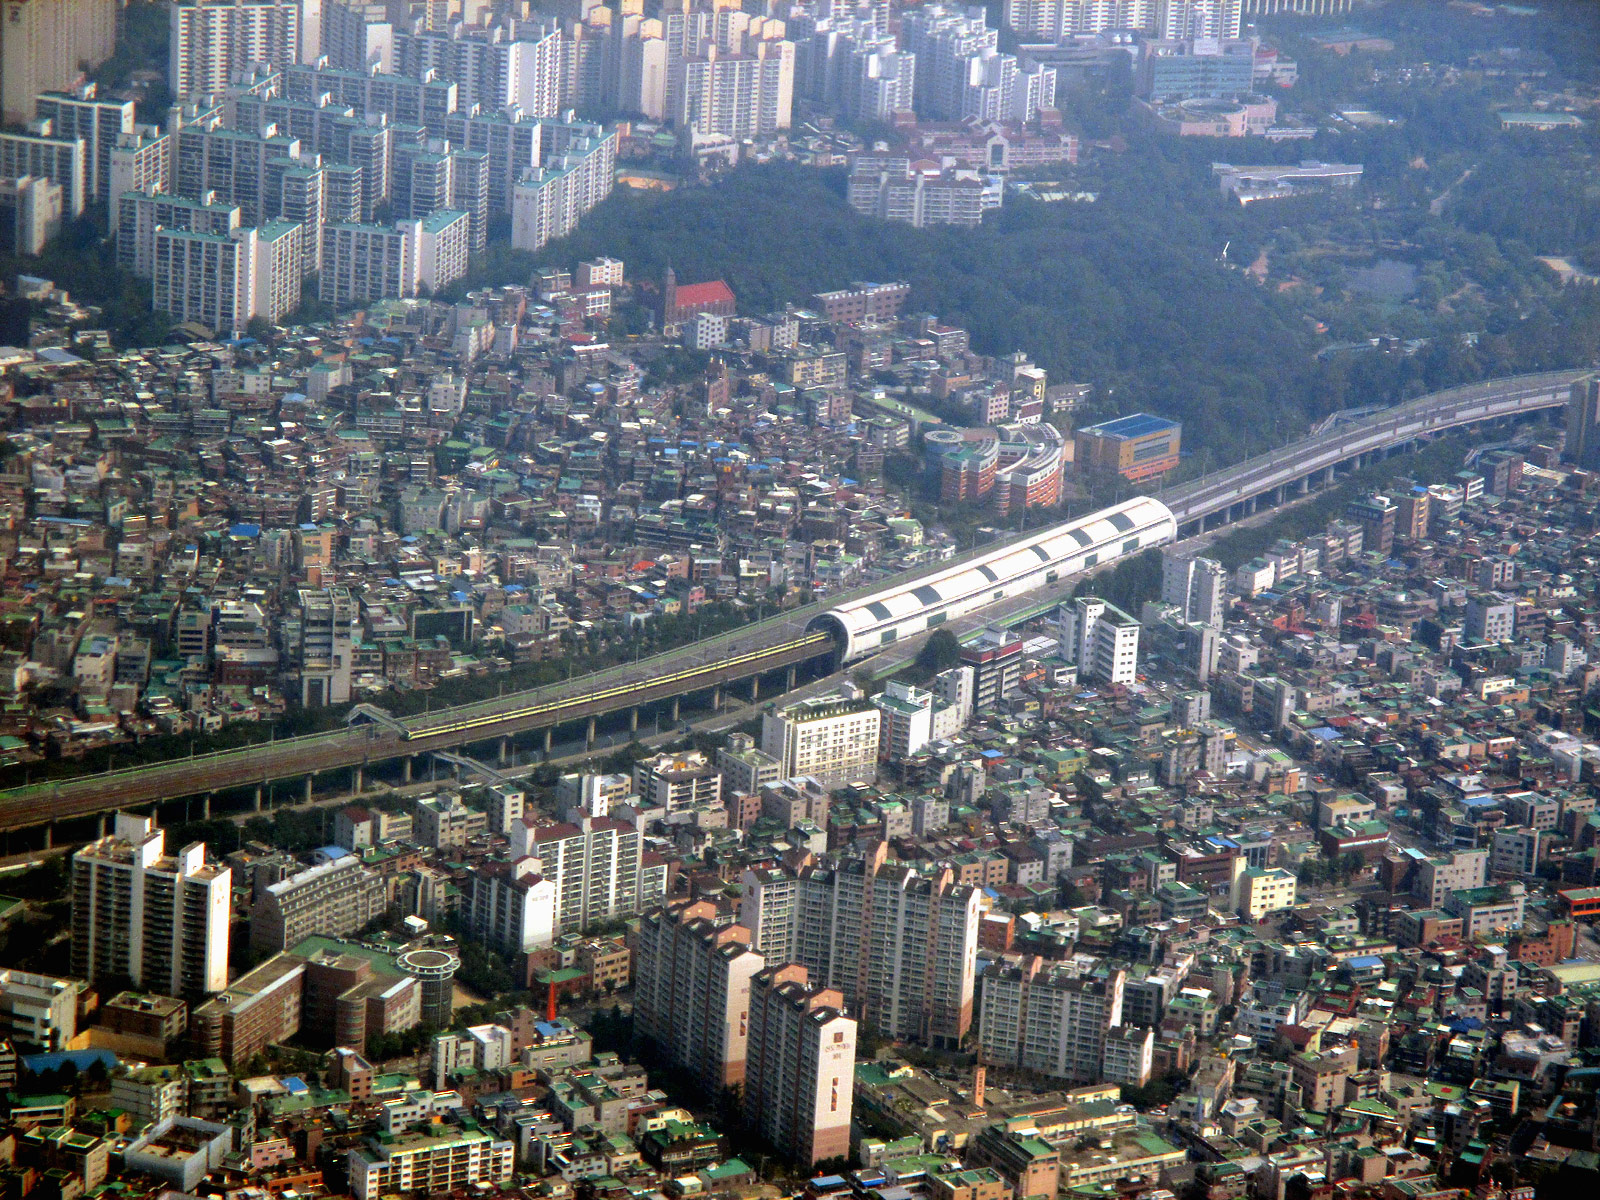 Жилые кварталы на окраине Сеула перед посадкой в аэропорту Гимпо